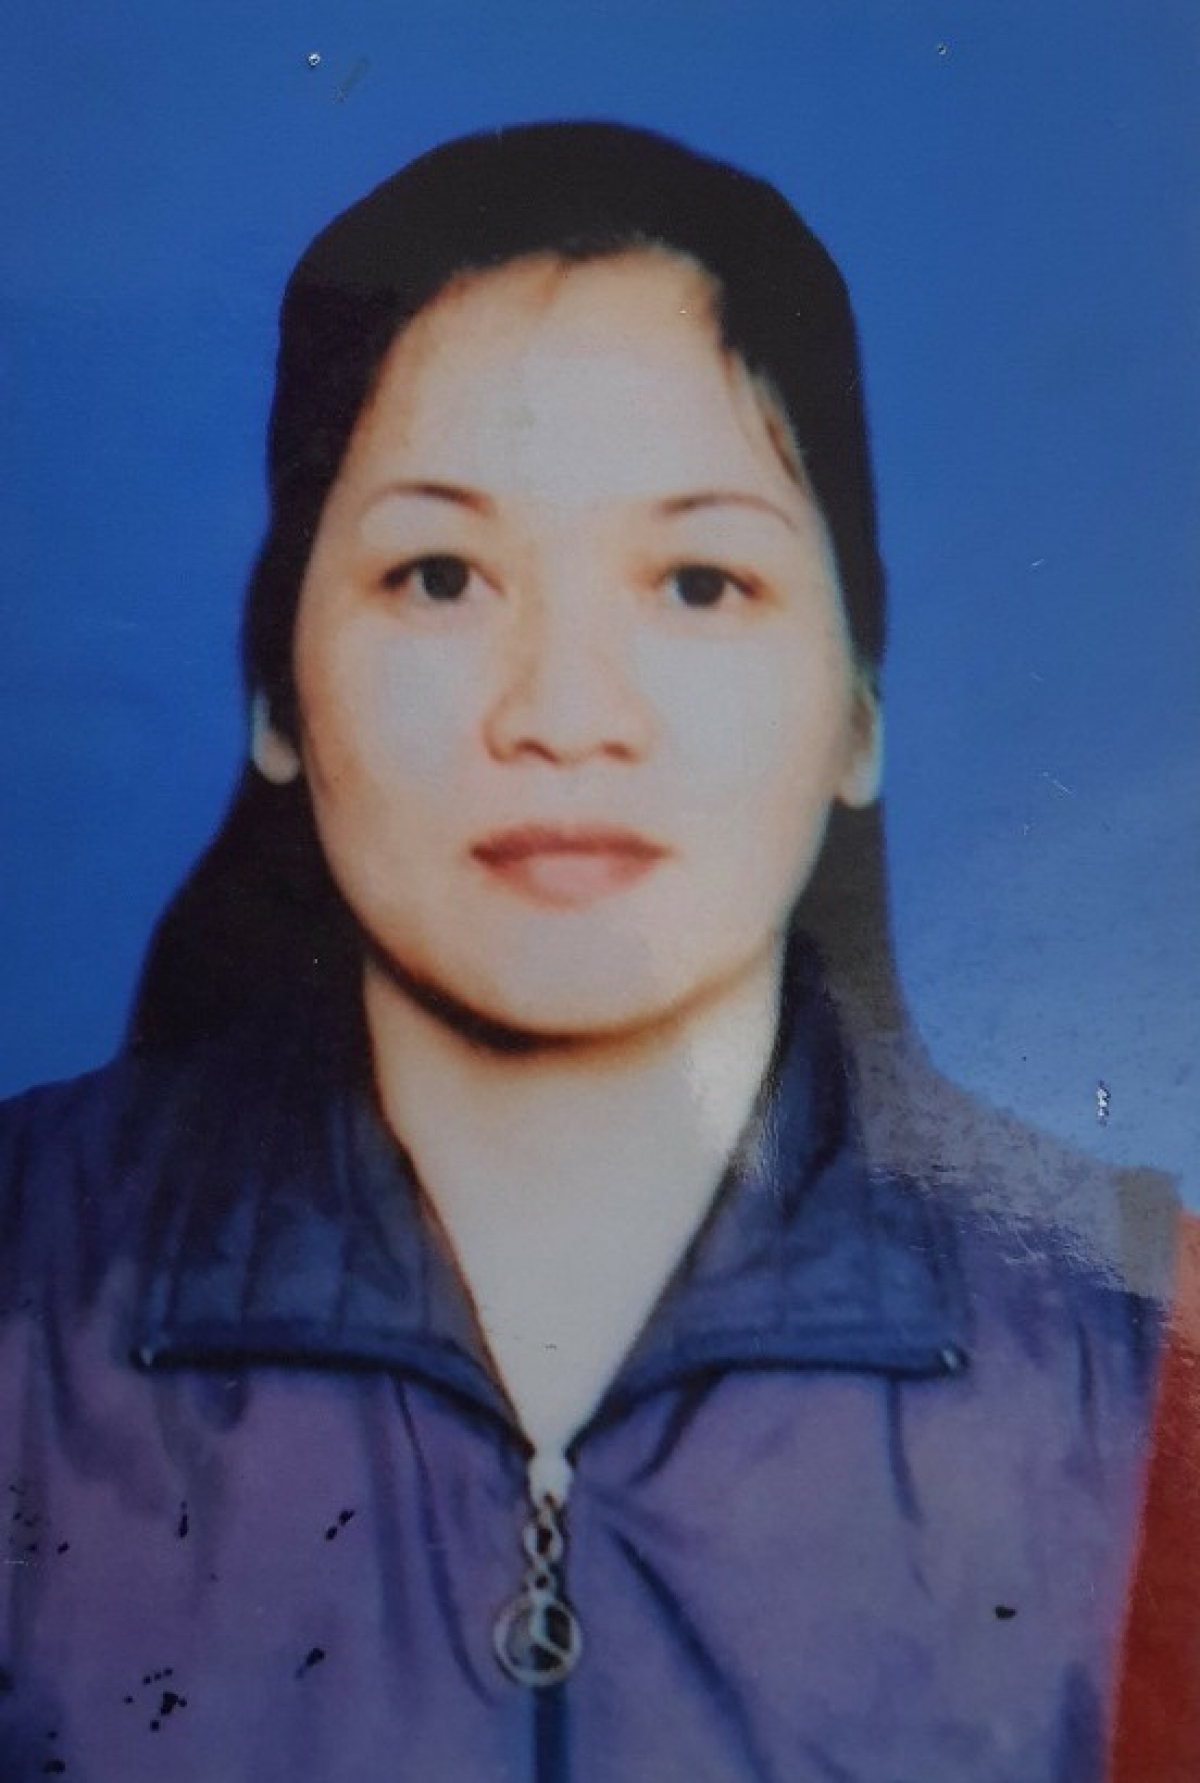 Đối tượng Trần Thị Tuyến trước khi bị truy nã.